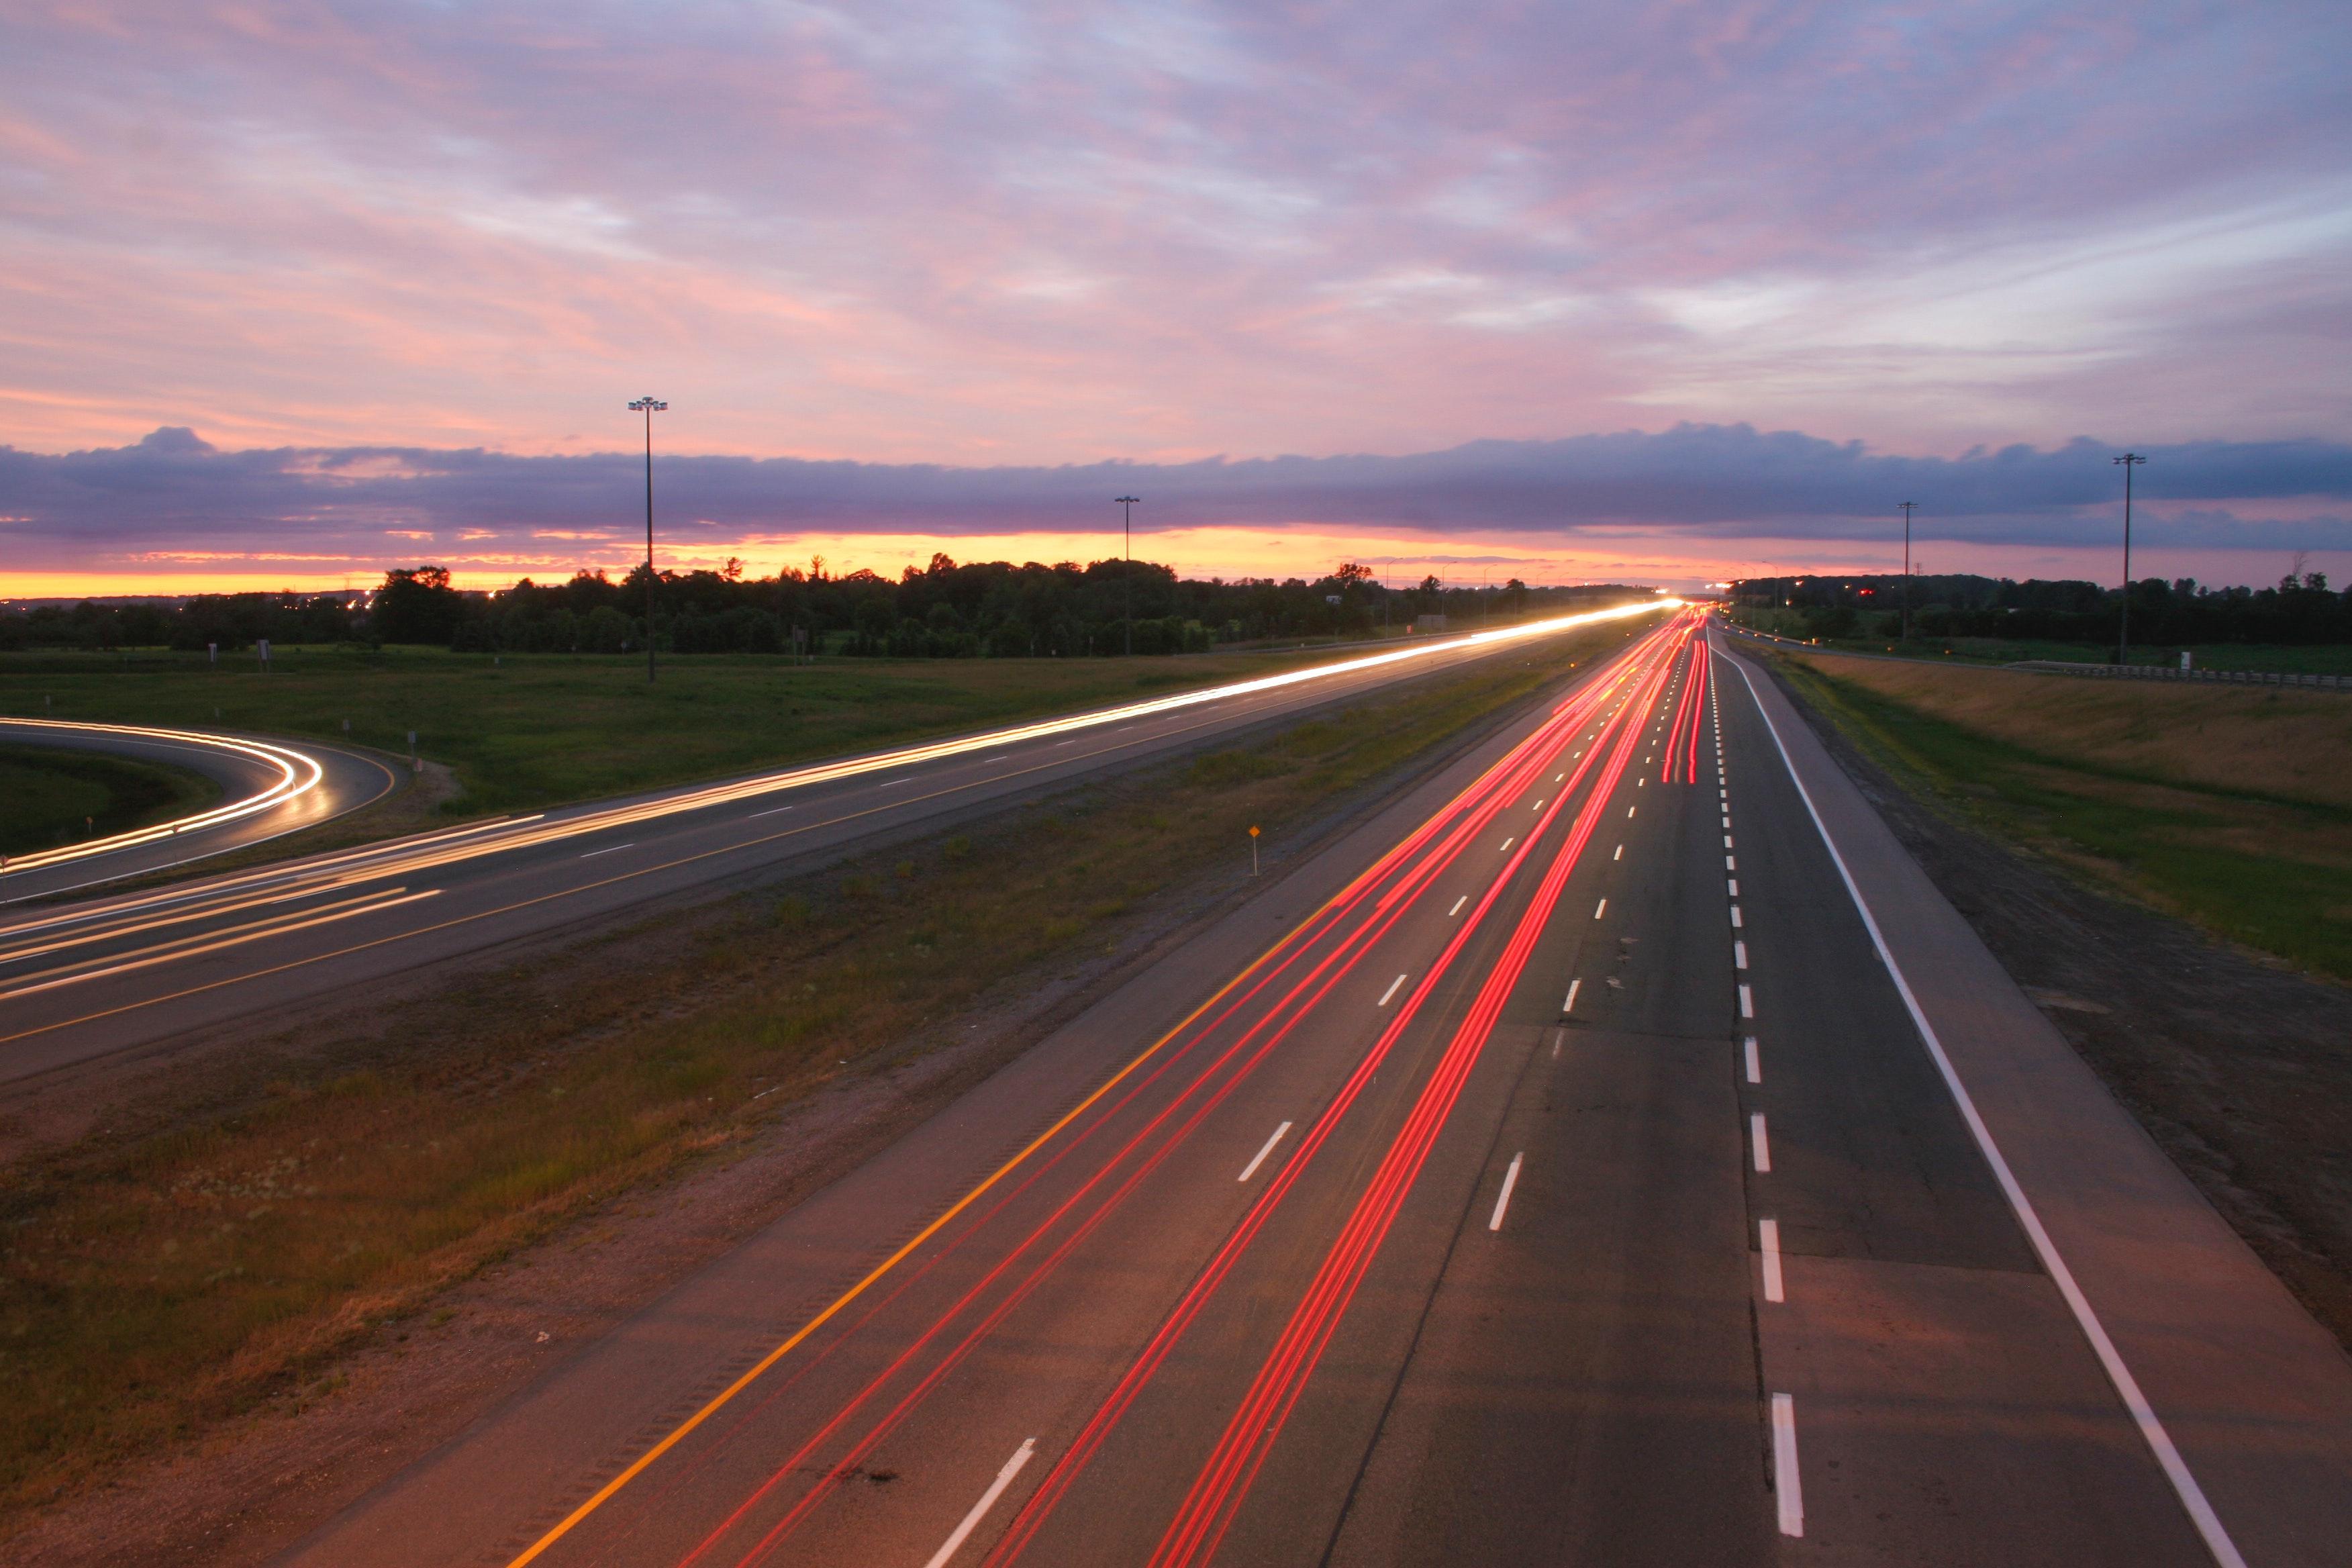 Imagen de una autopista en la que hay haces de luz roja y naranja. Parece fin de tarde, con el cielo en un tono azul oscuro, rosa y una franja amarilla de la puesta de sol.